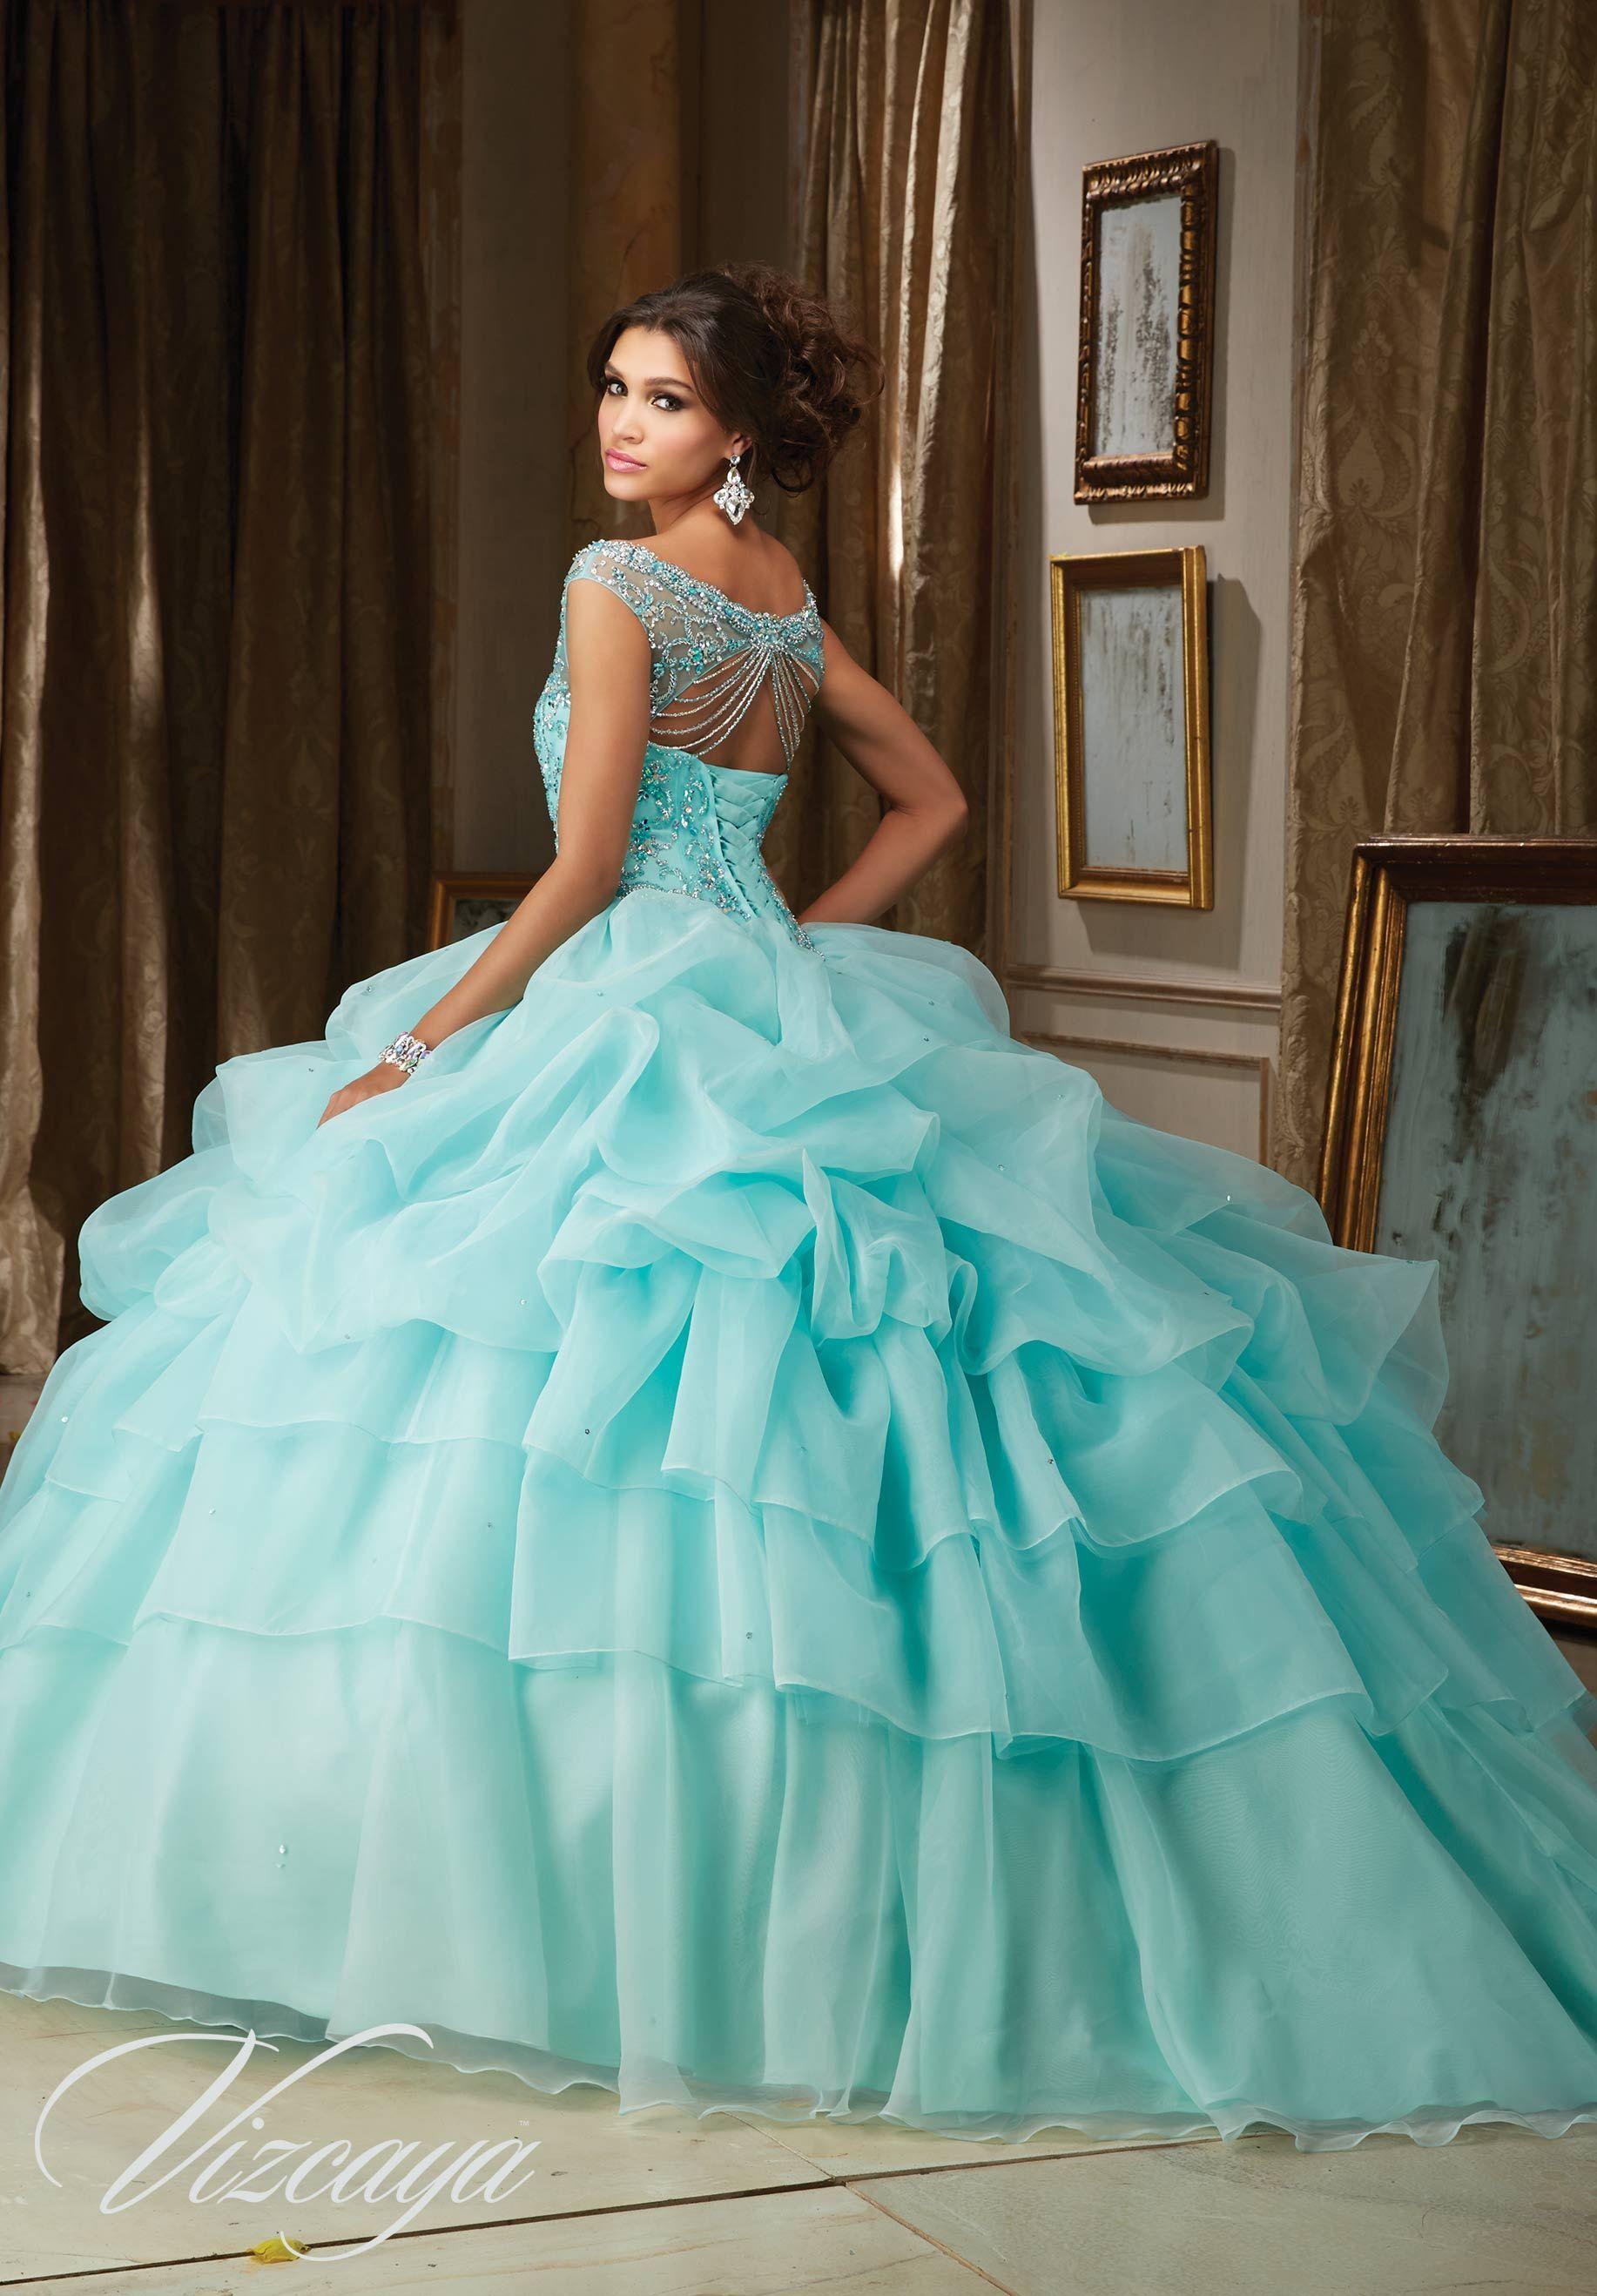 Jeweled beading on a billowy organza quinceañera dress aqua blue